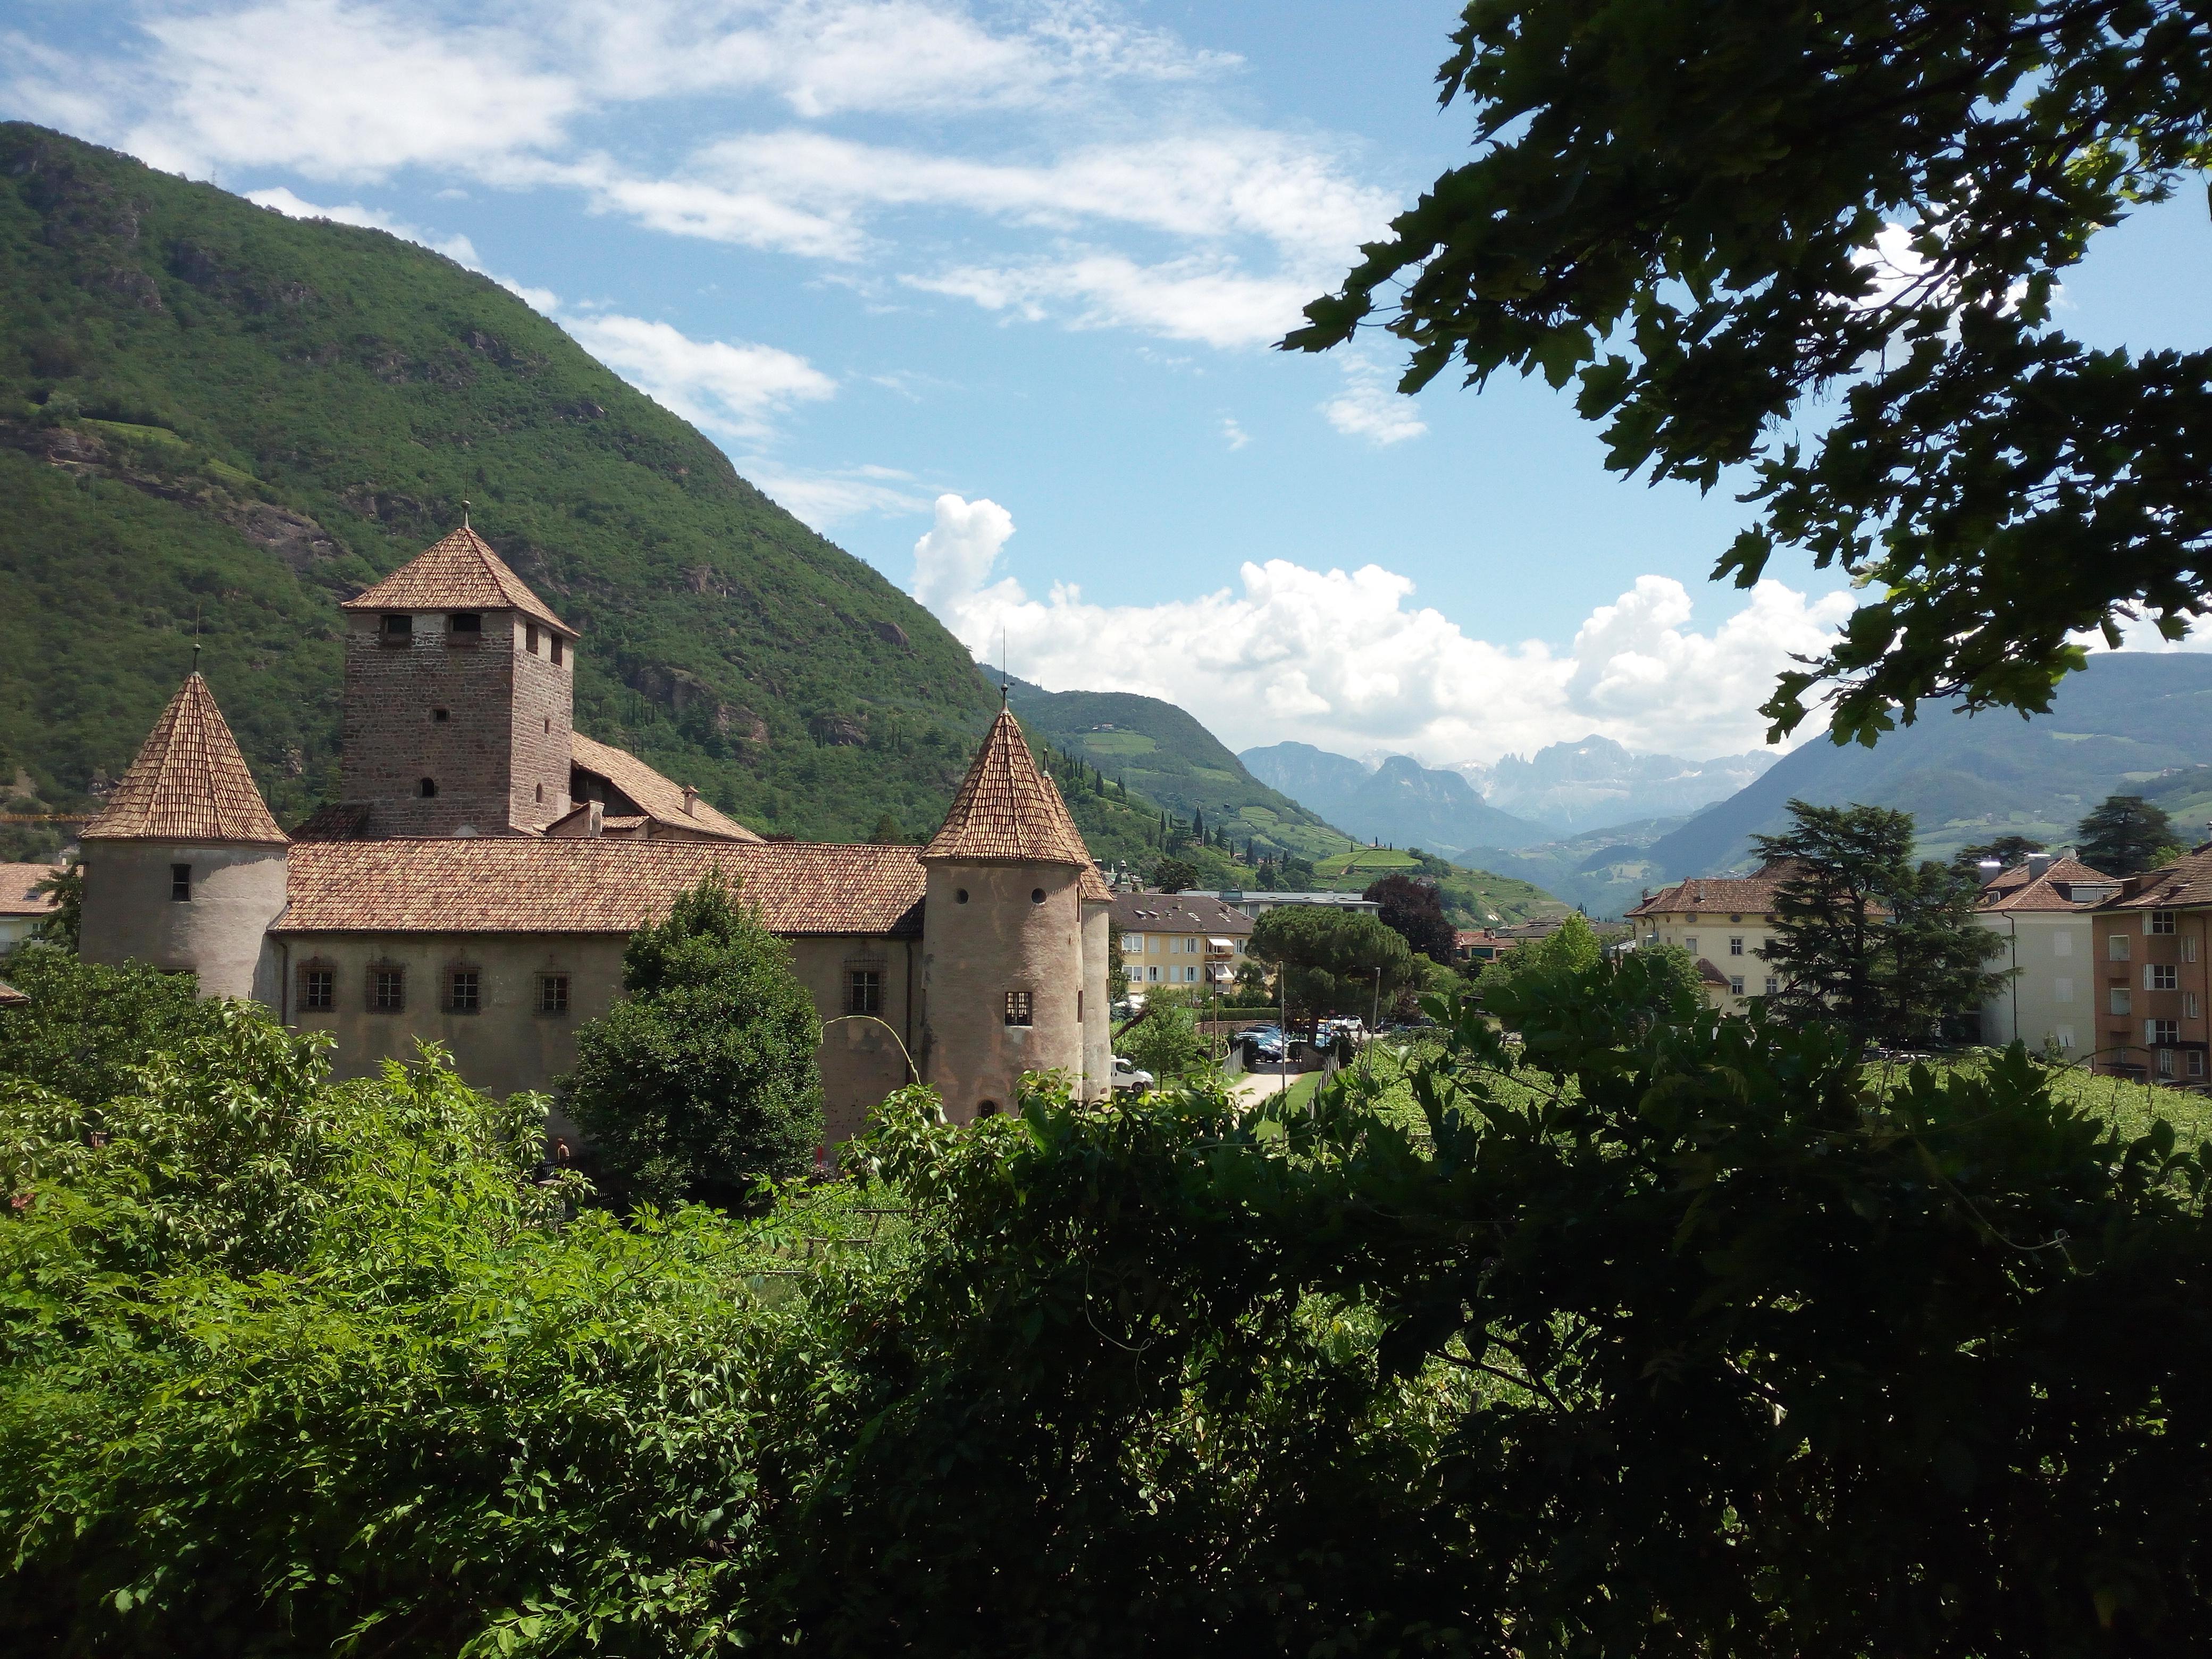 Bolzano seen from above